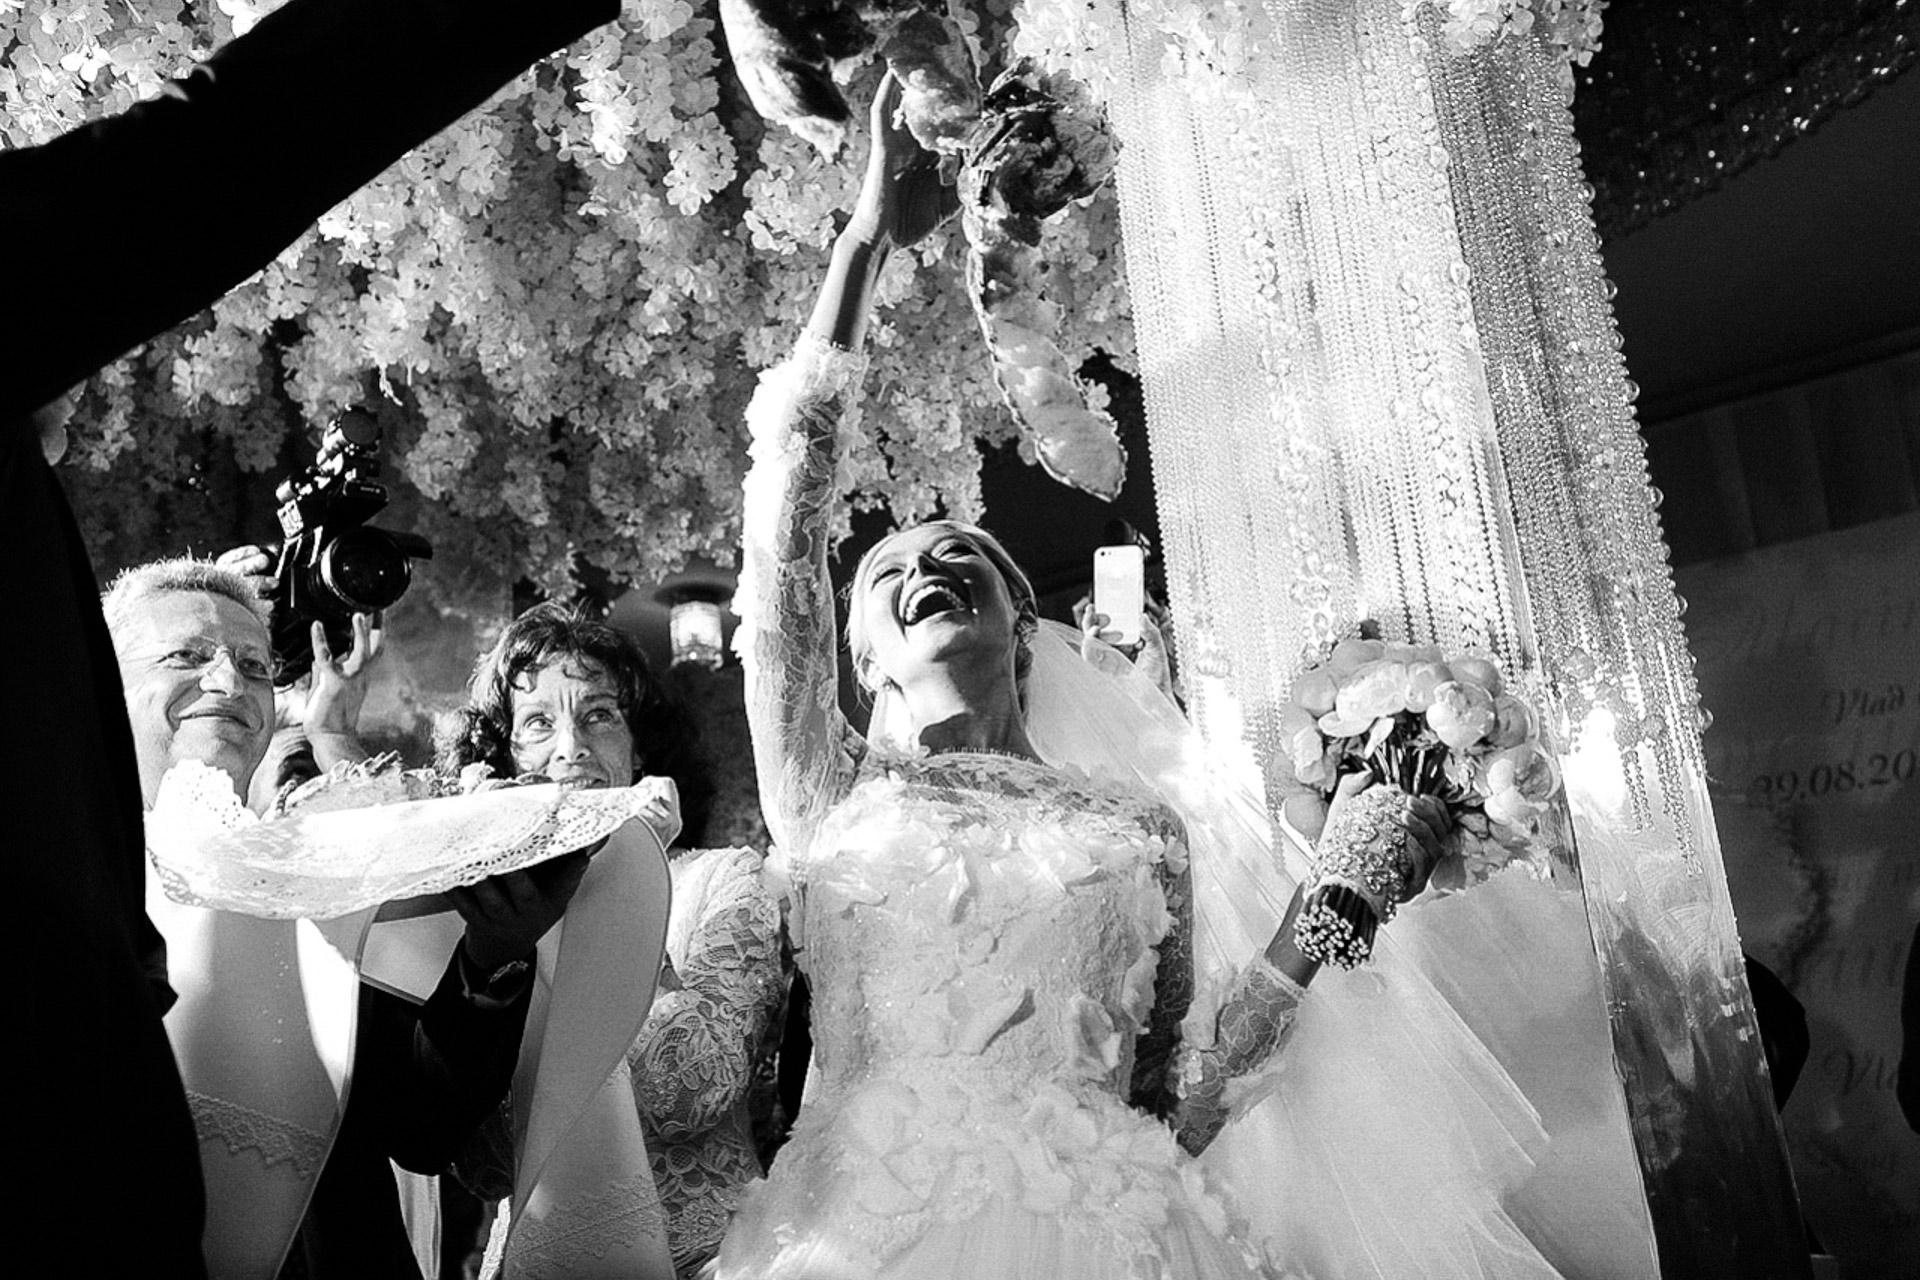 Фотограф рассказал, как снял лучший свадебный кадр сМеган Маркл ипринцем Гарри картинки